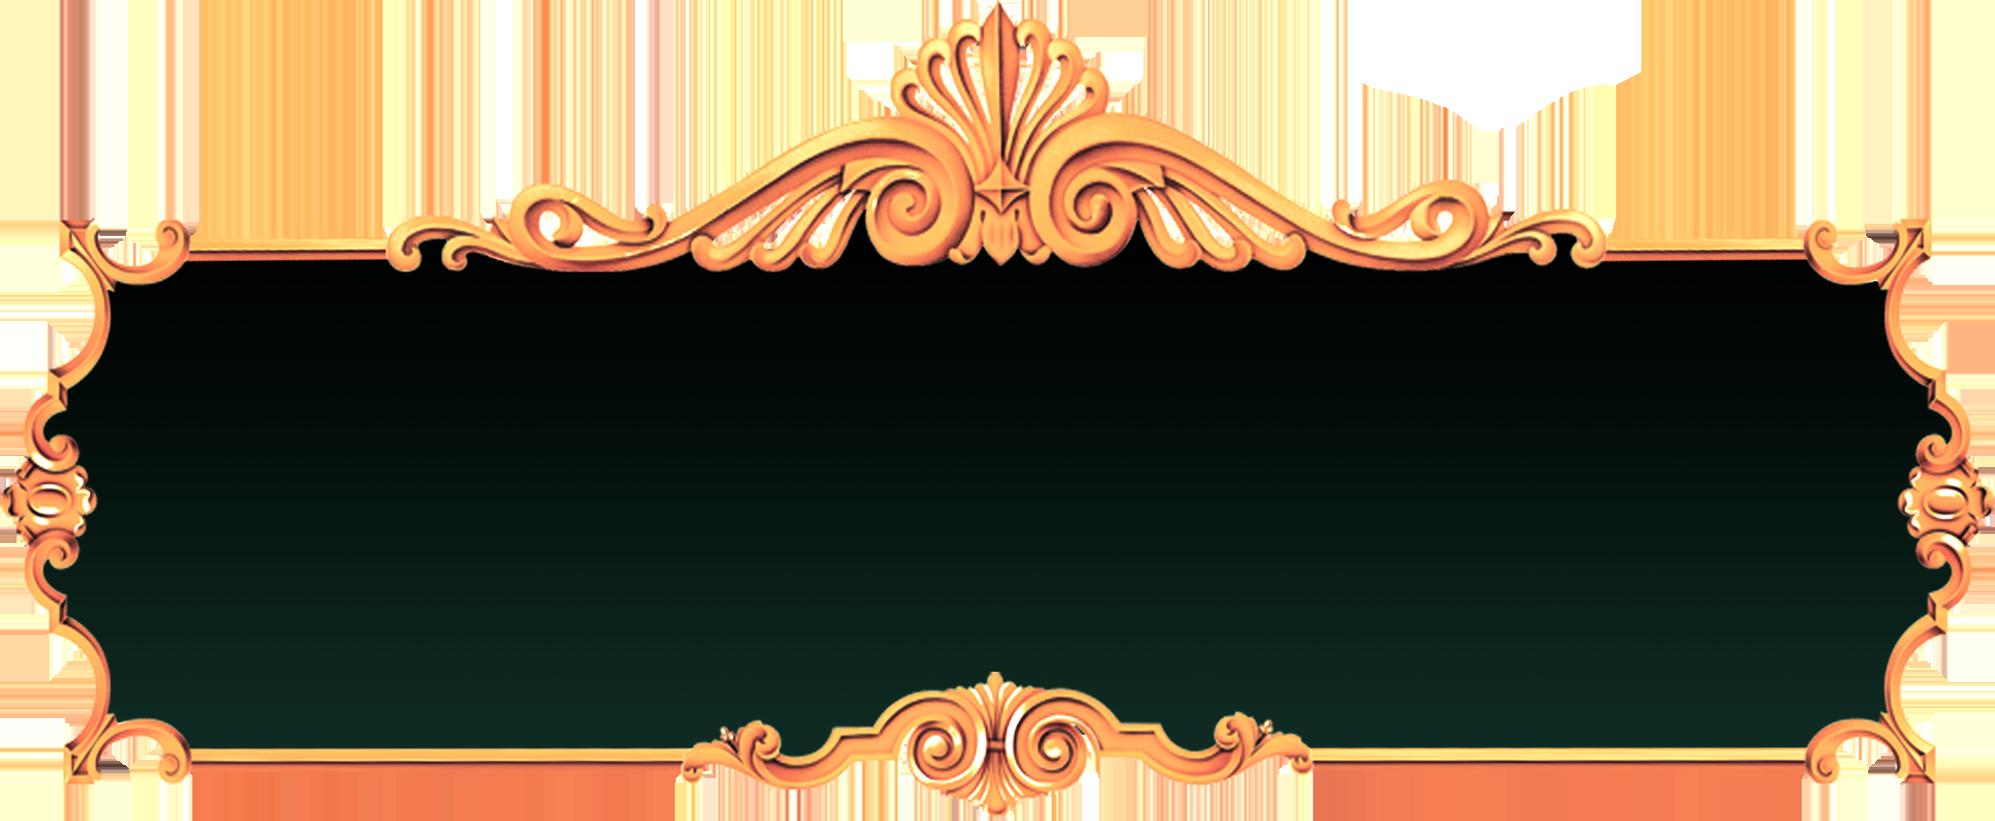 Image result for background frame design FOR TITLE.